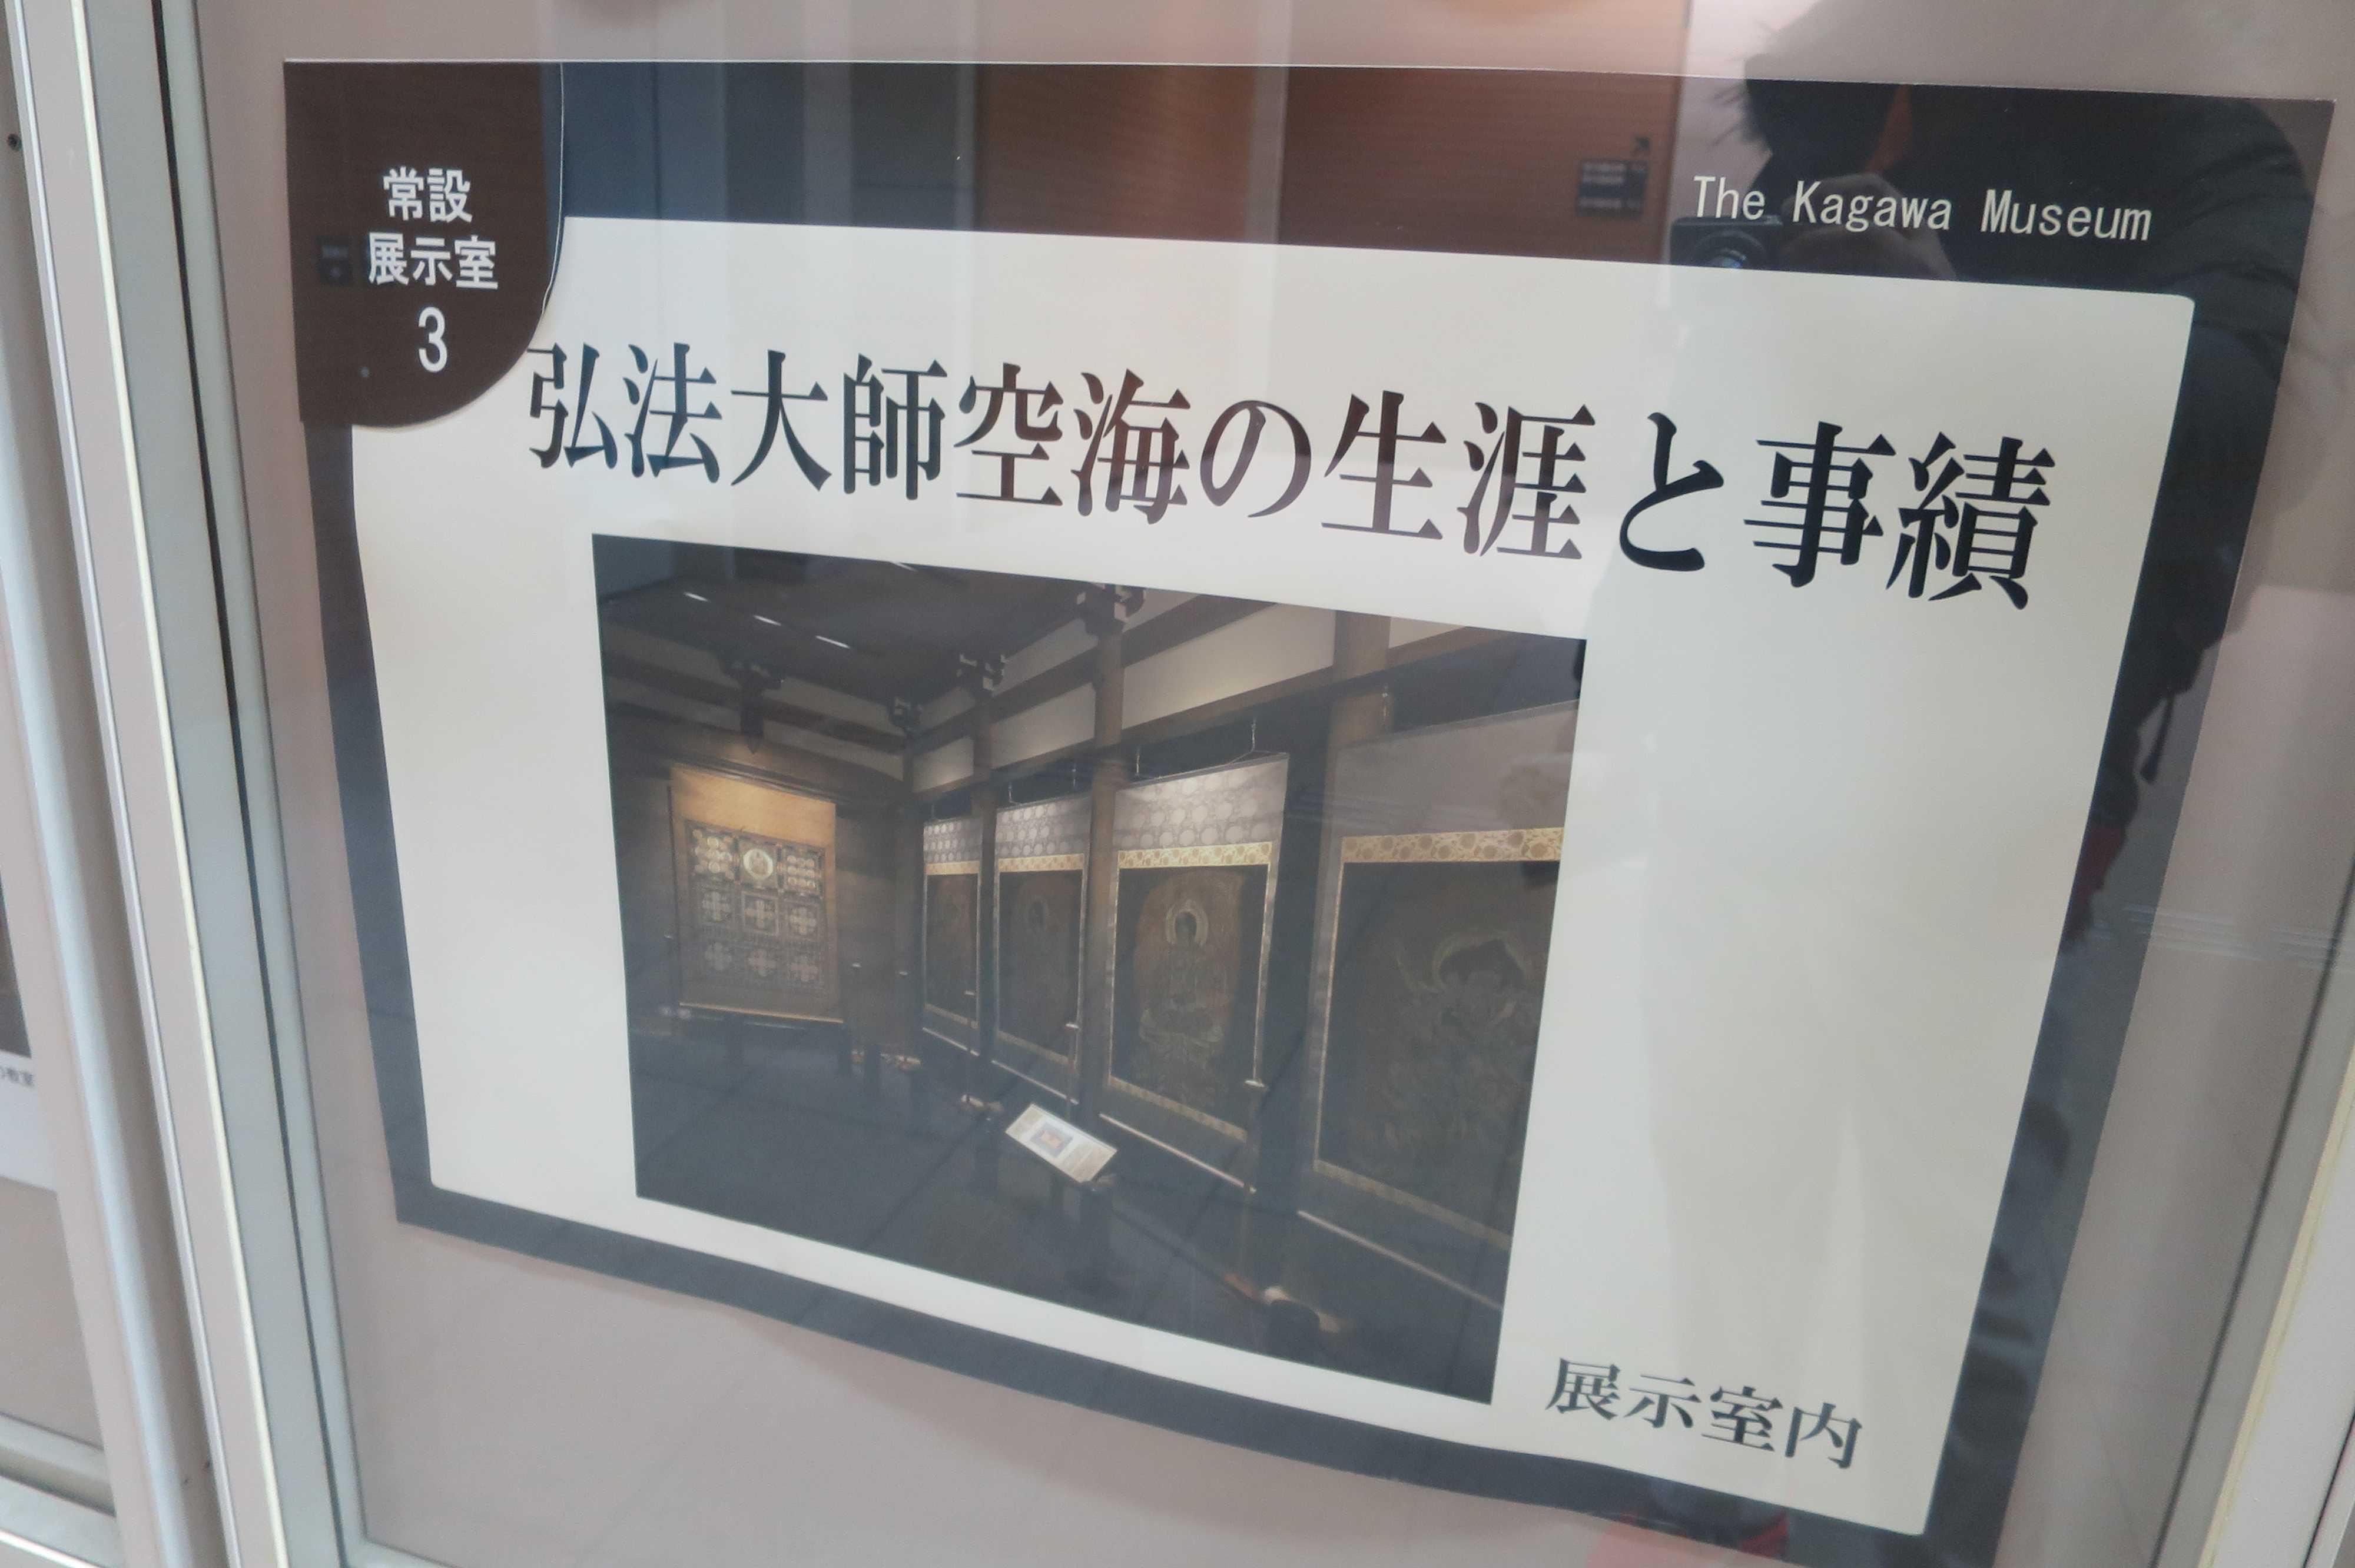 「弘法大師 空海の生涯と事績」